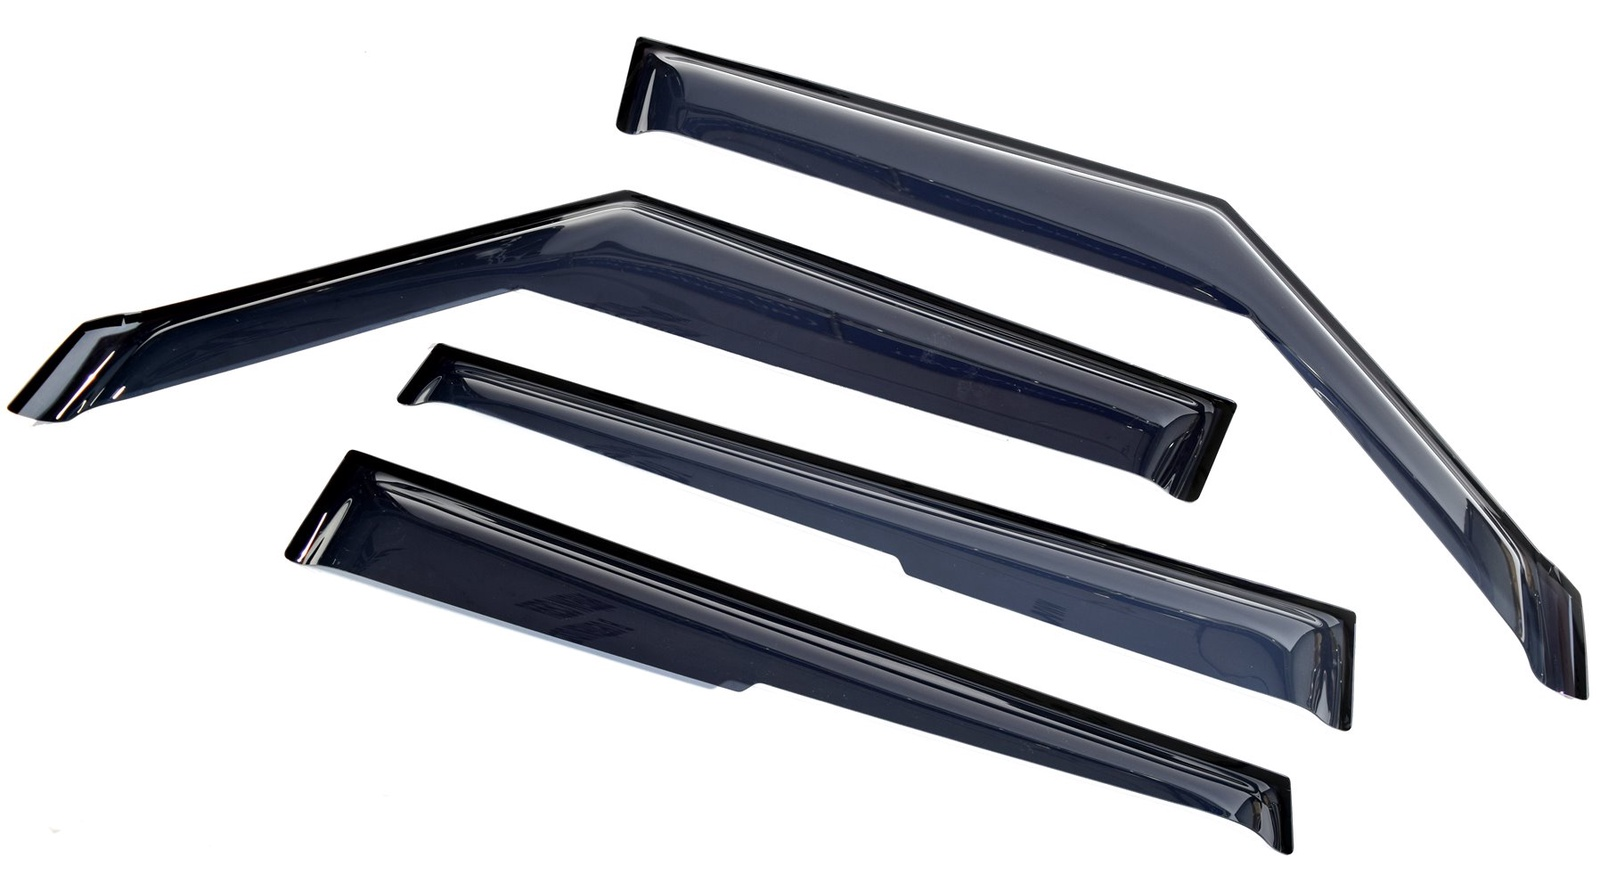 Ветровик SIM Дефлекторы боковых окон Kia Soul (Киа Соул) (2009-2014) (4шт.) (темн) дефлекторы окон autofamily sim daewoo matiz 2006 комплект 4шт nld sdamat0632